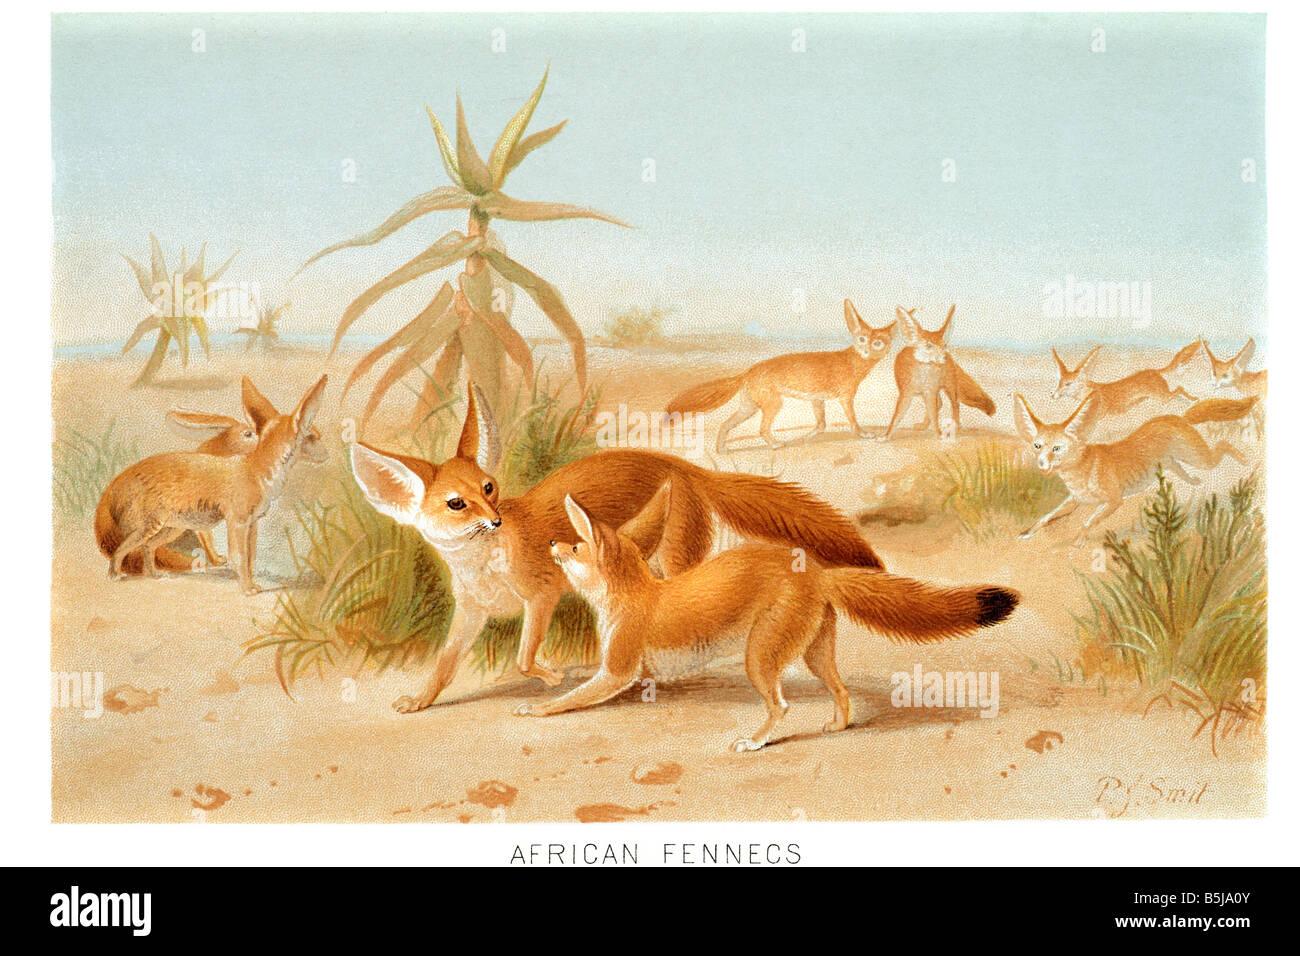 Fennec Fox Vulpes Zerda Nocturnal Fox Sahara Desert North